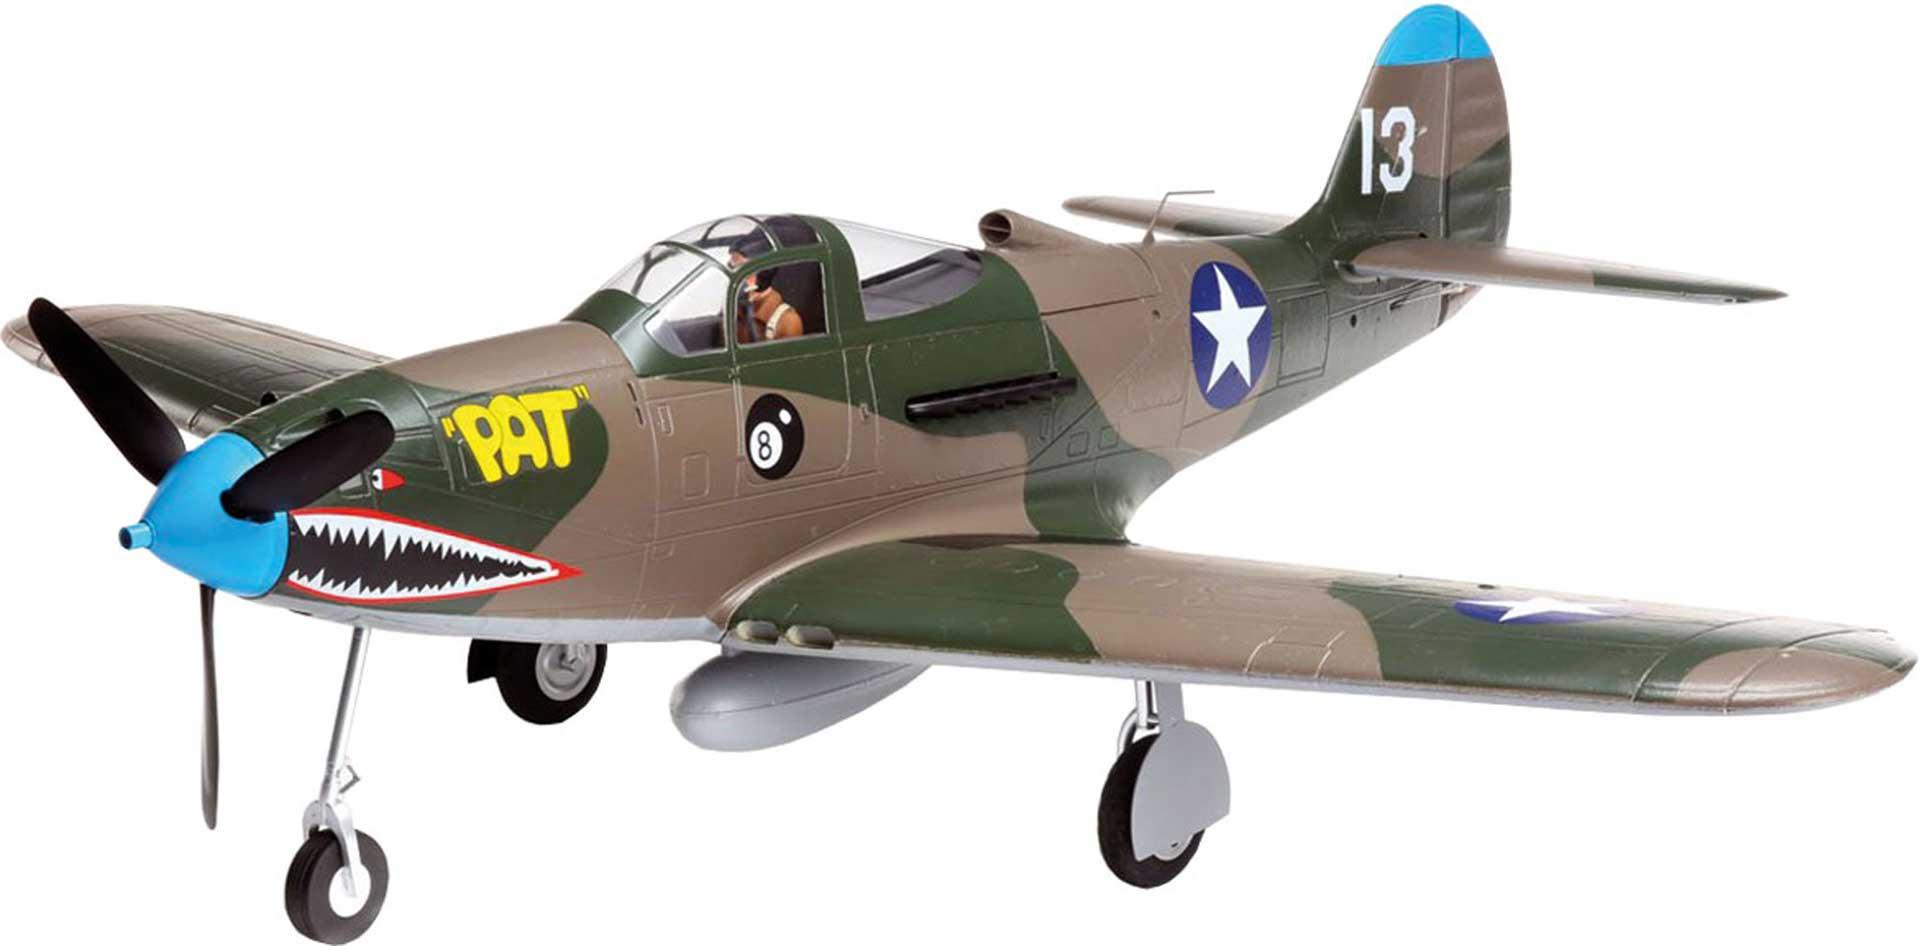 E-FLITE P-39 AIRACOBRA 1.2M AIRACOBRA BNF BASIC